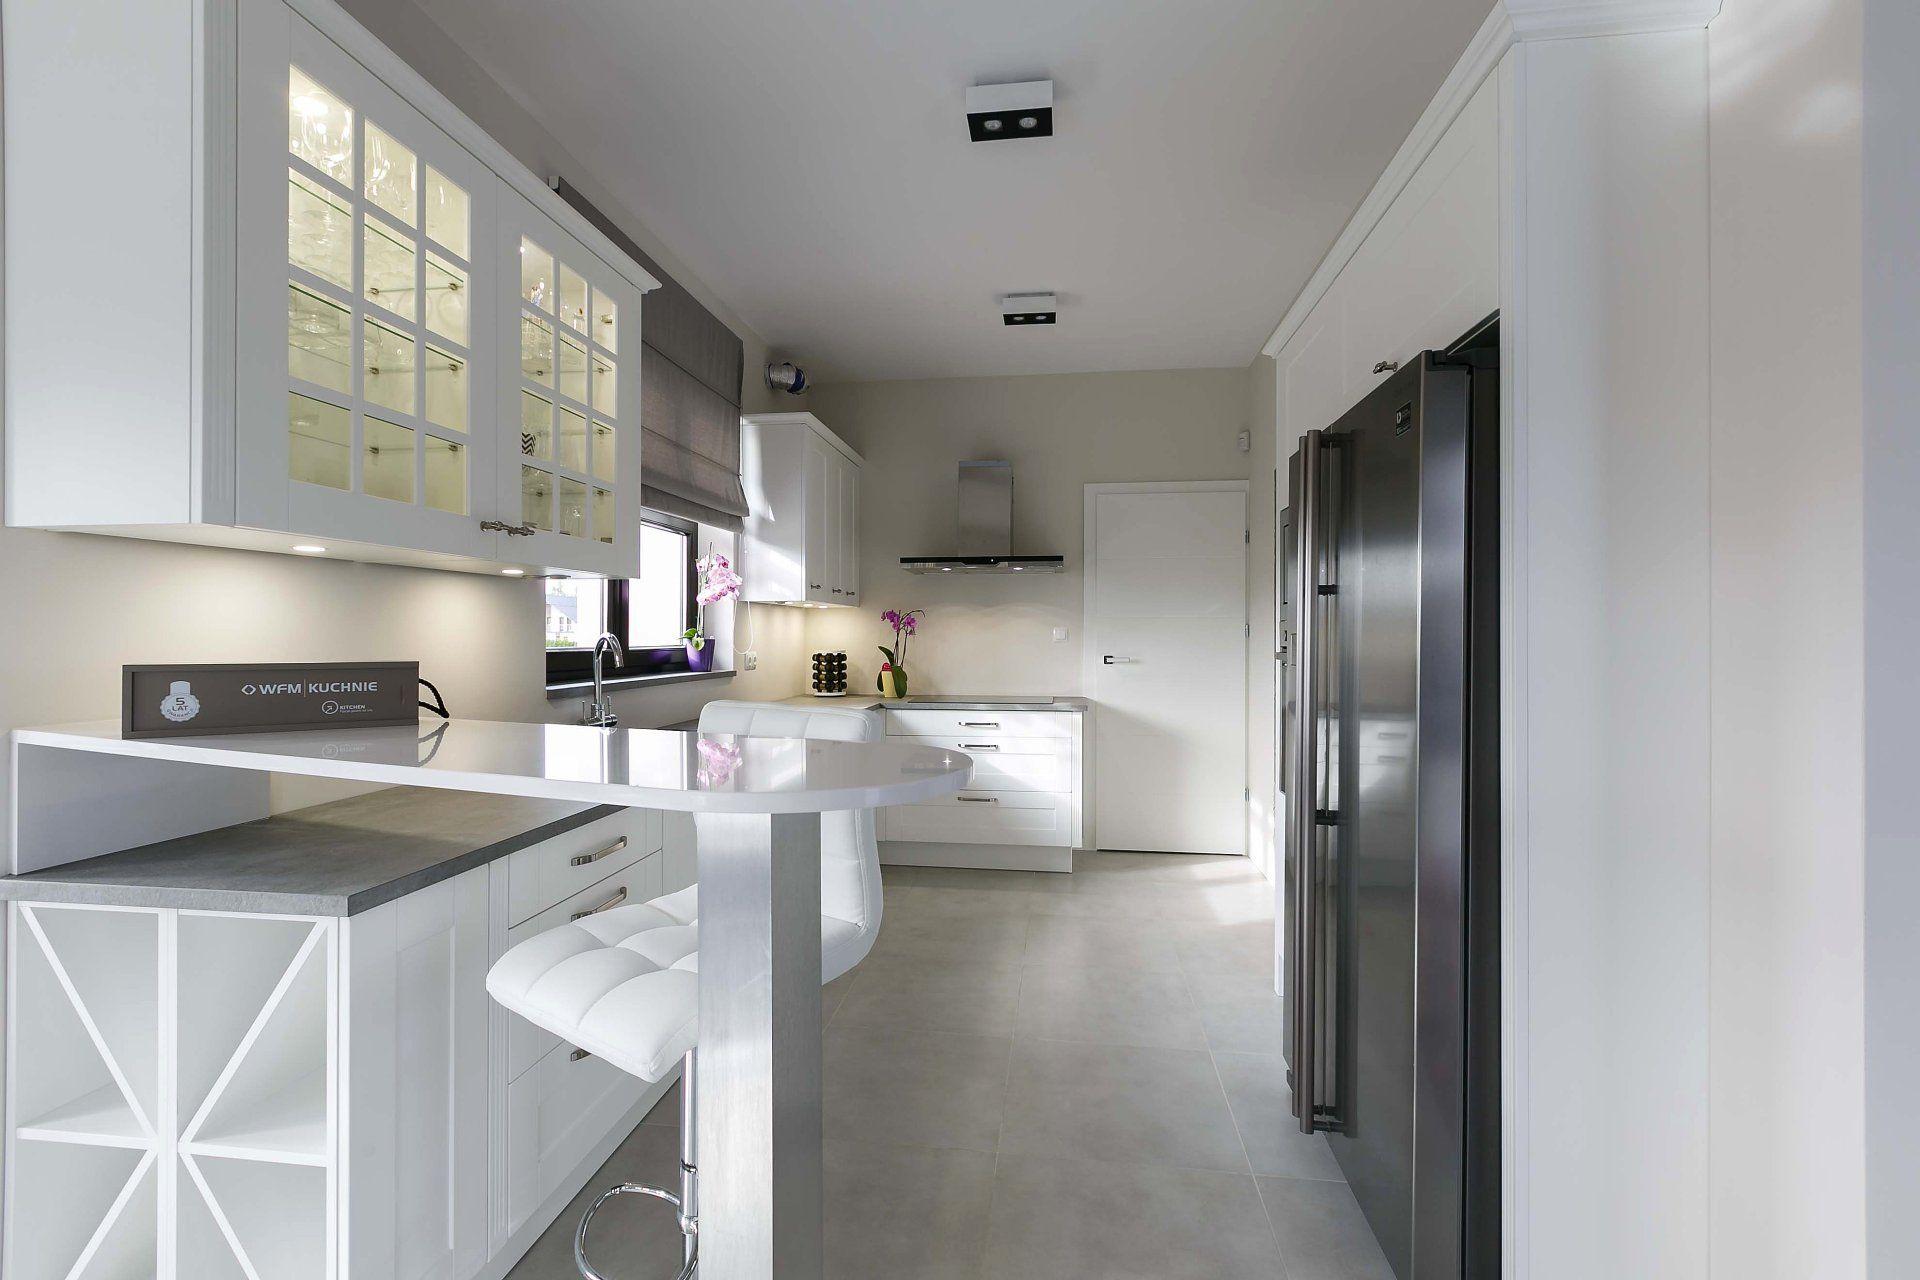 Klasyczna Kuchnia Na Wymiar Wfm Rocca M101 Bialy Mat In 2020 Furniture Kitchen Home Decor